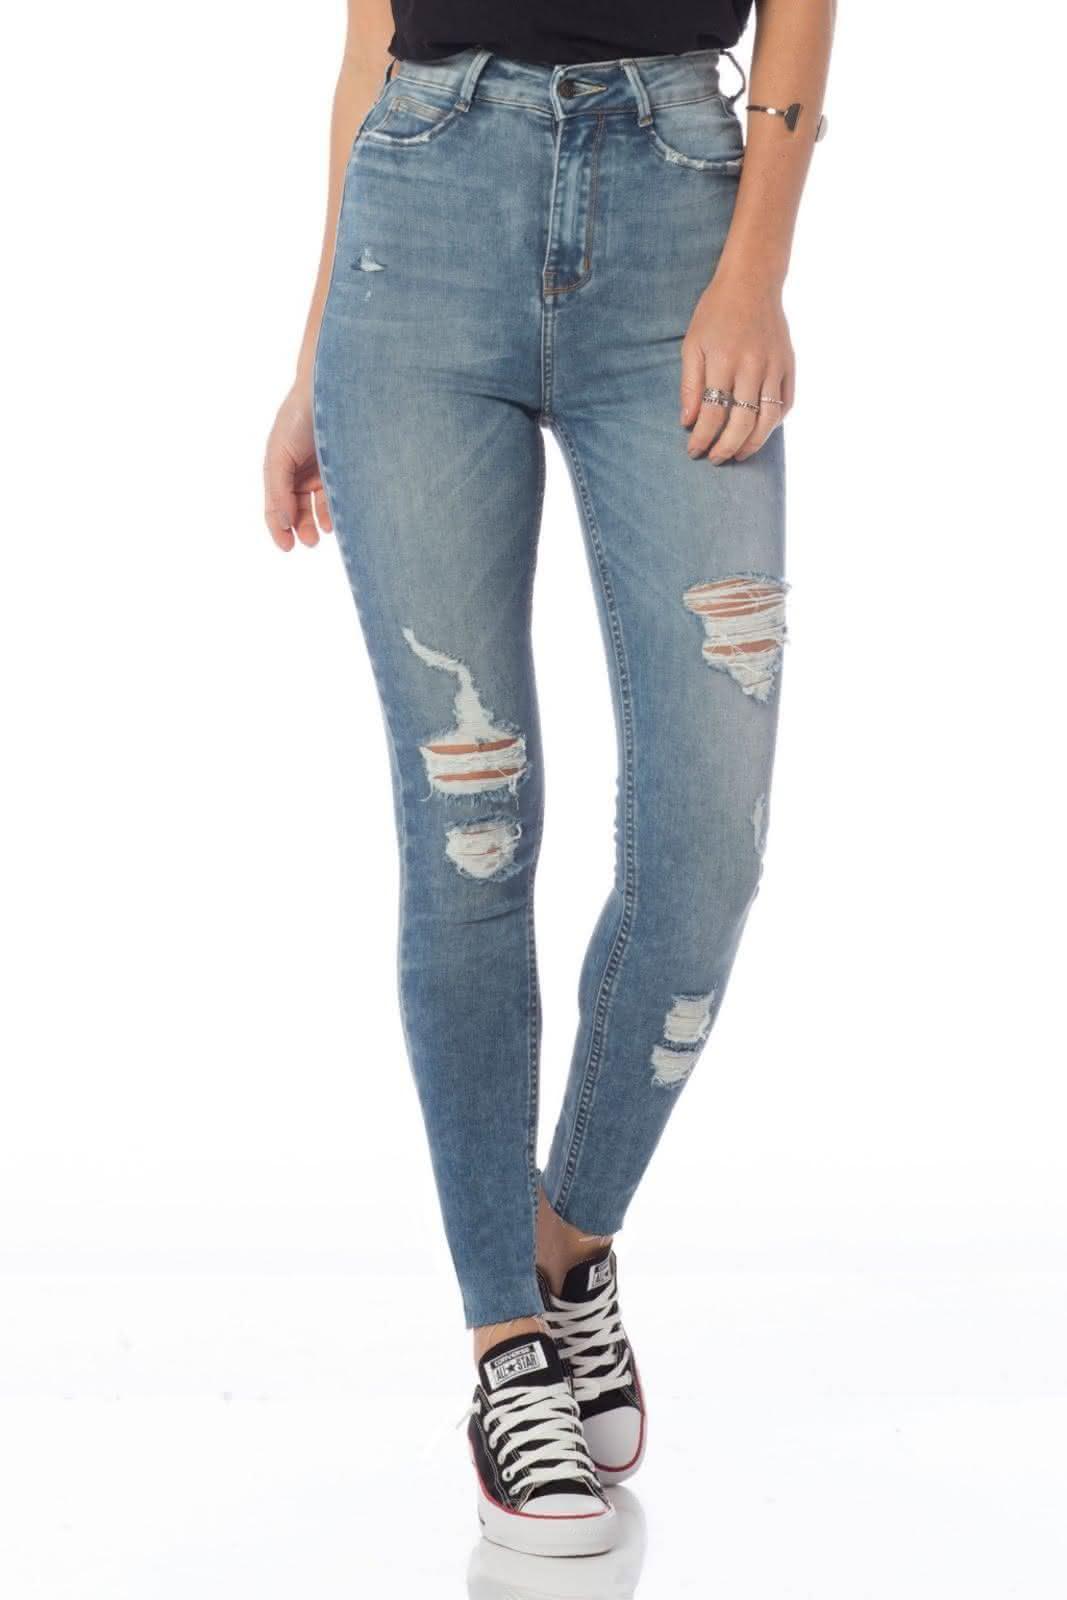 Tendências de calça 2022 jeans